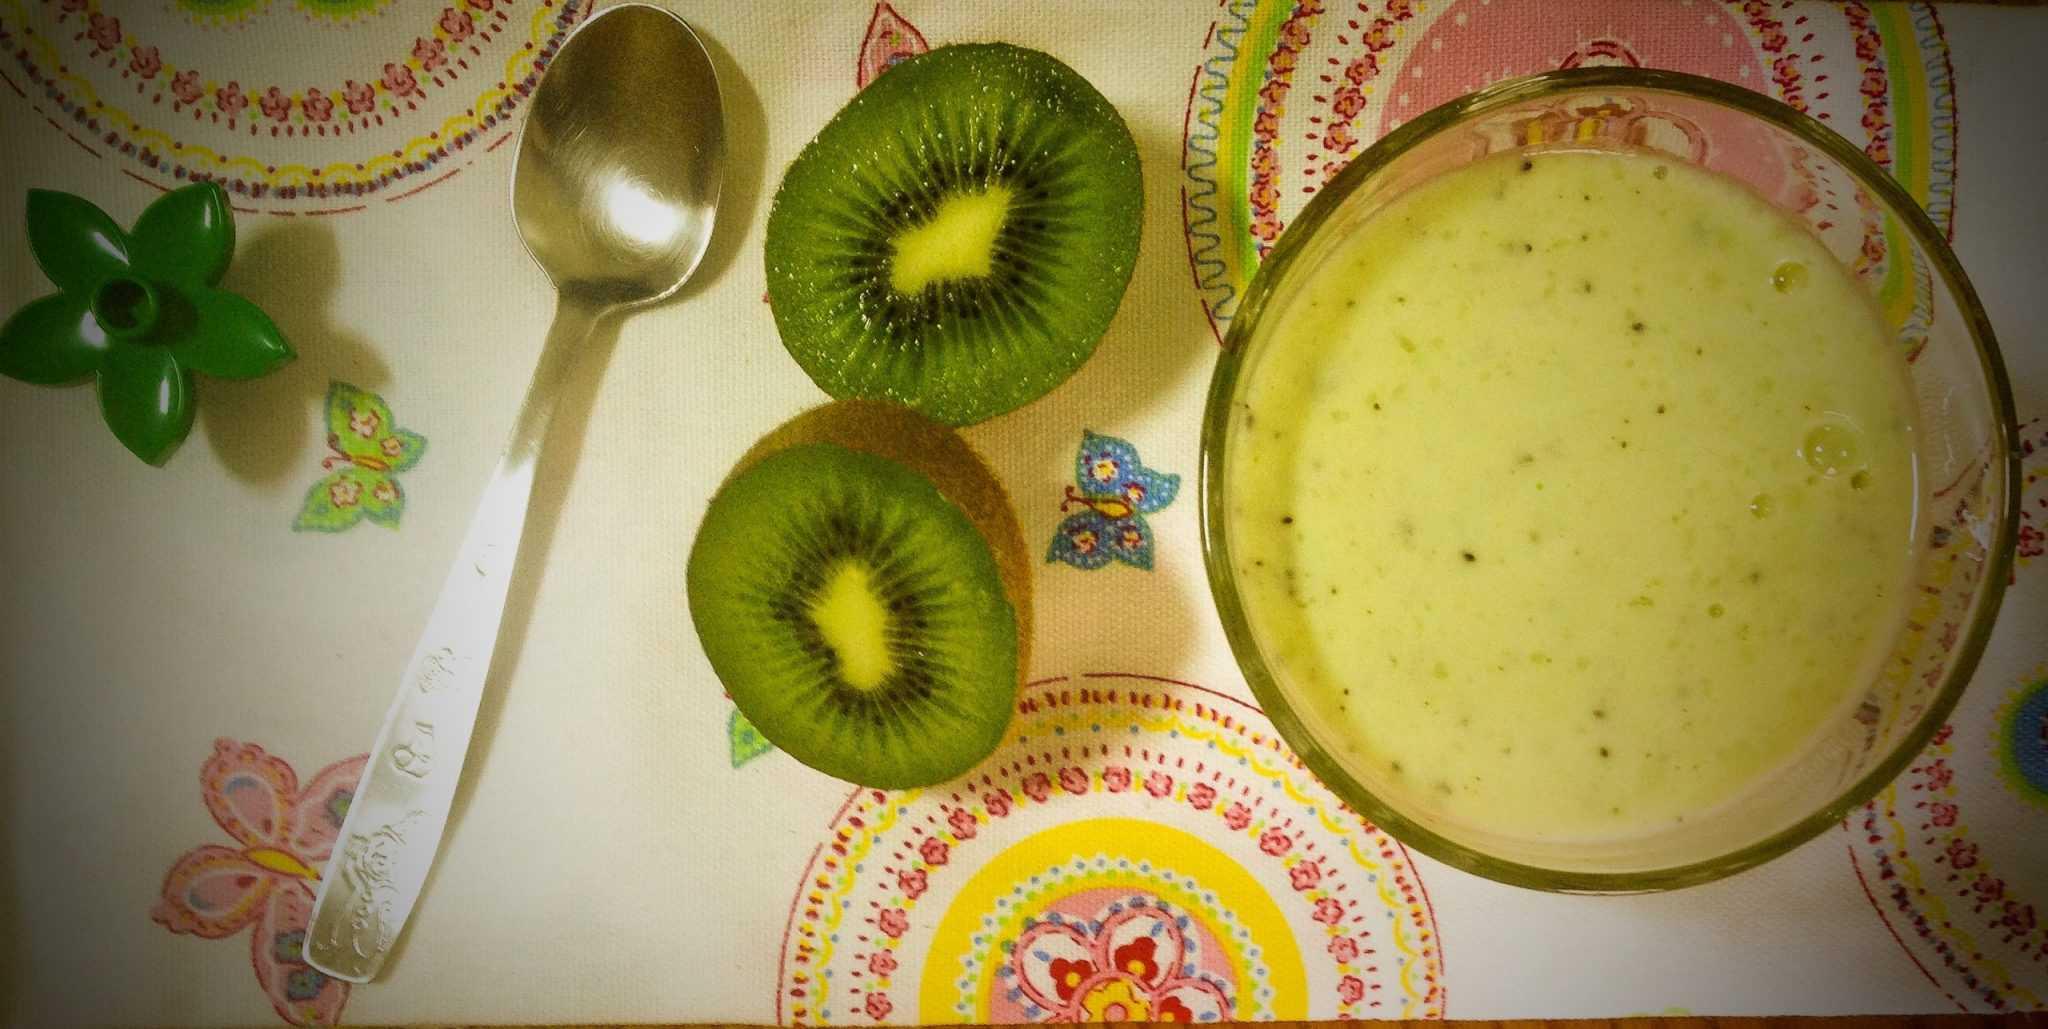 Papinha de banana e kiwi